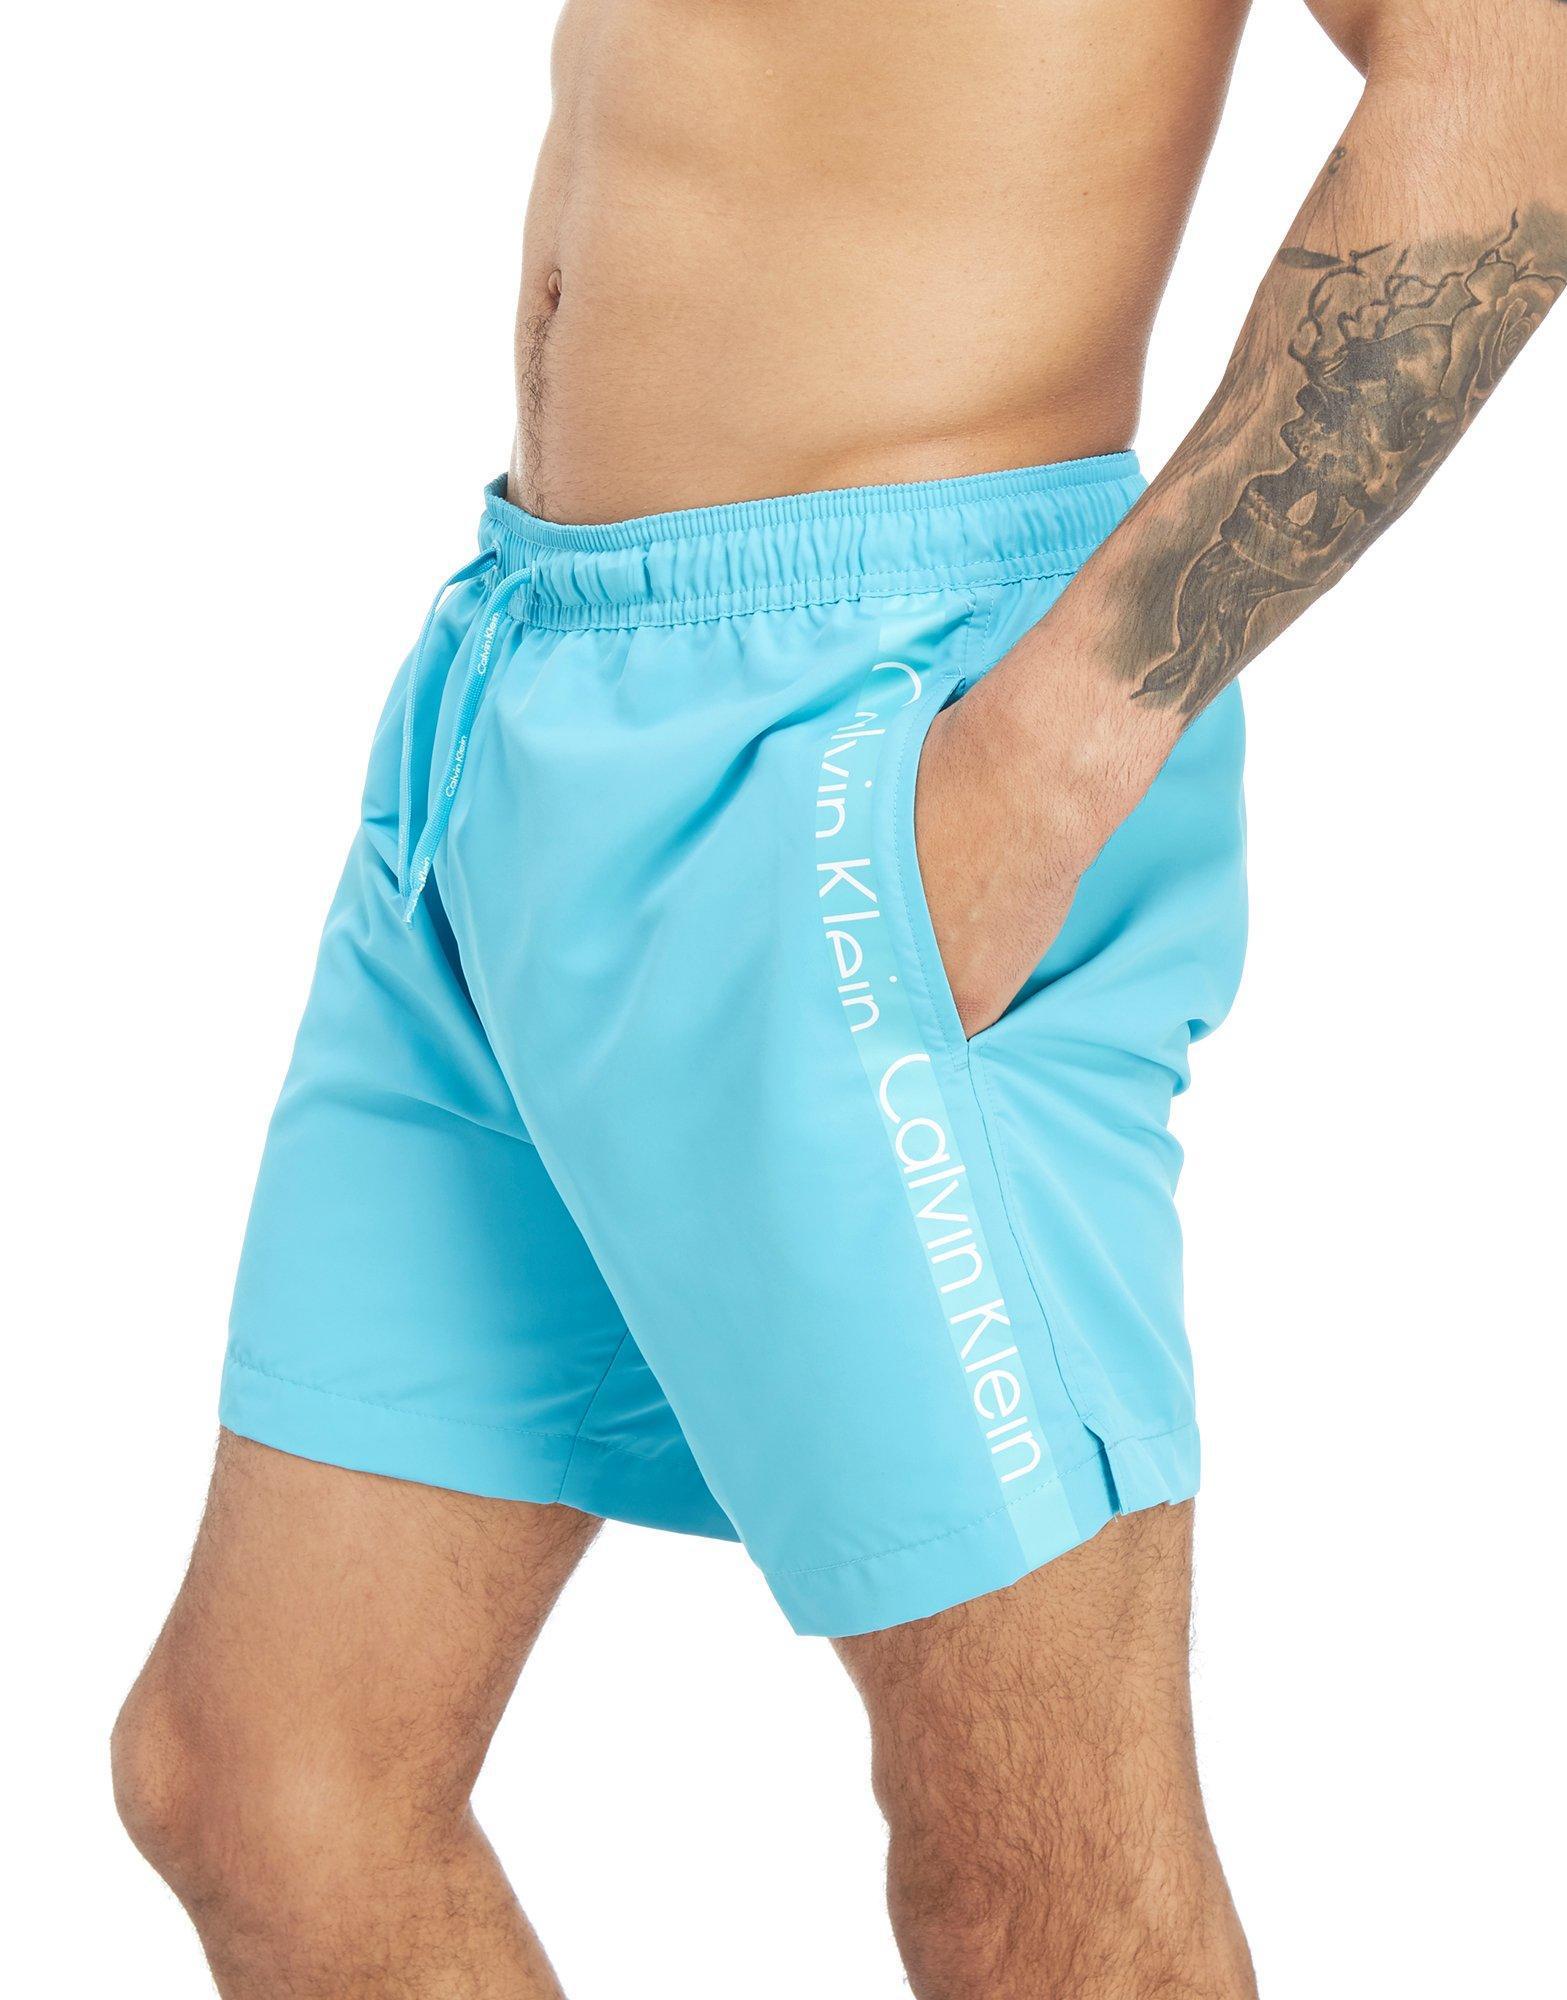 8b5eafb355 Jd Sports Calvin Klein Swim Shorts - About Foto Swim 2019